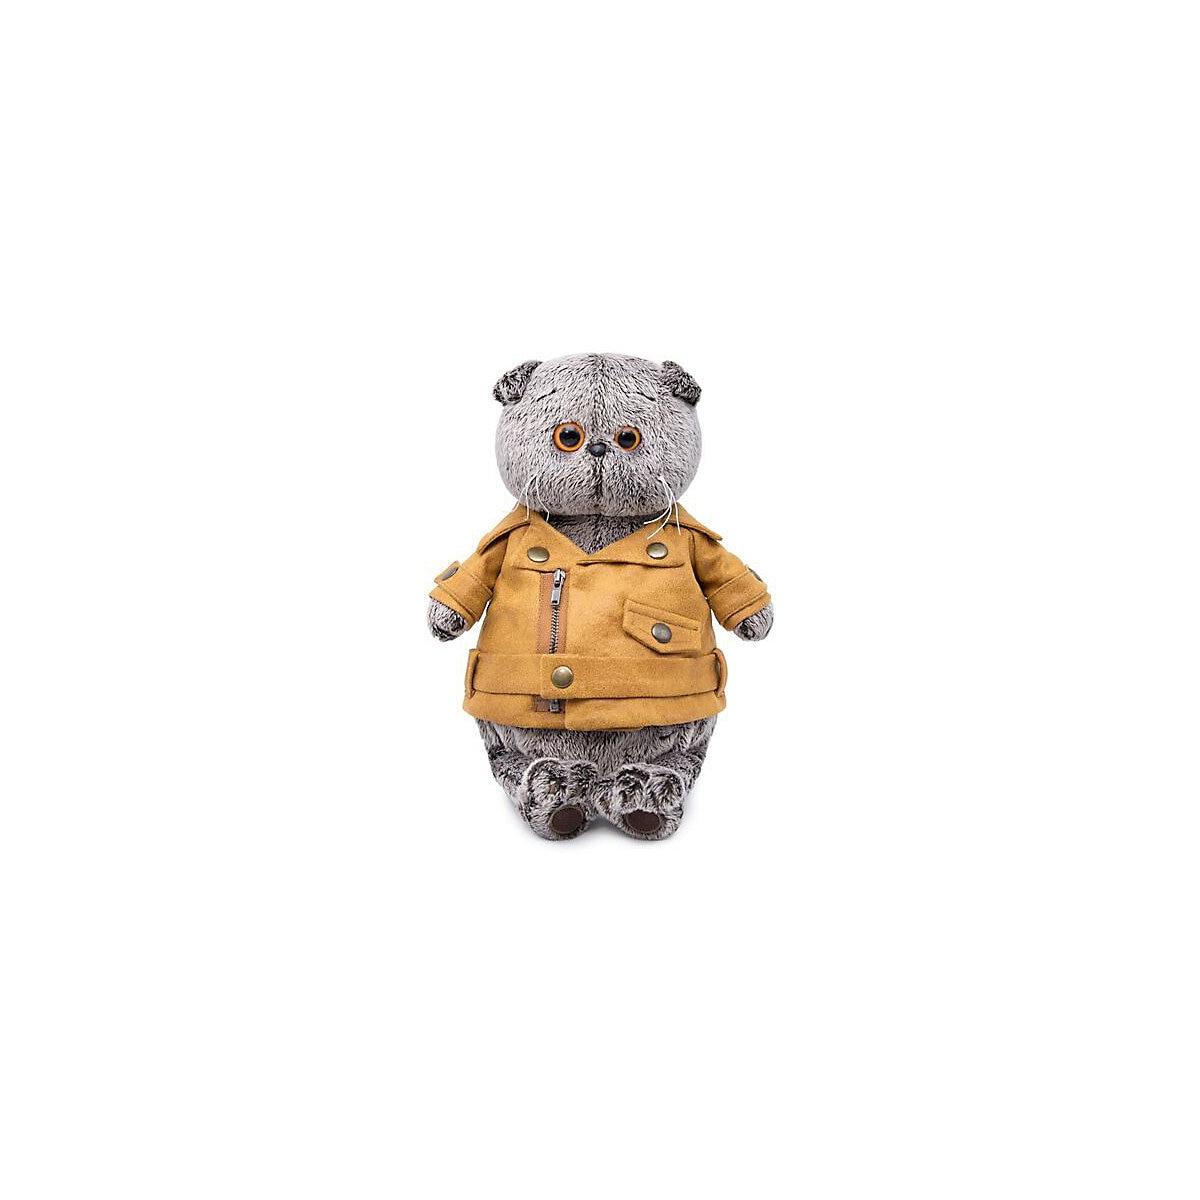 Animales de peluche y felpa 11091003 juguete para niños y niñas juguetes suaves para bebé MTpromo